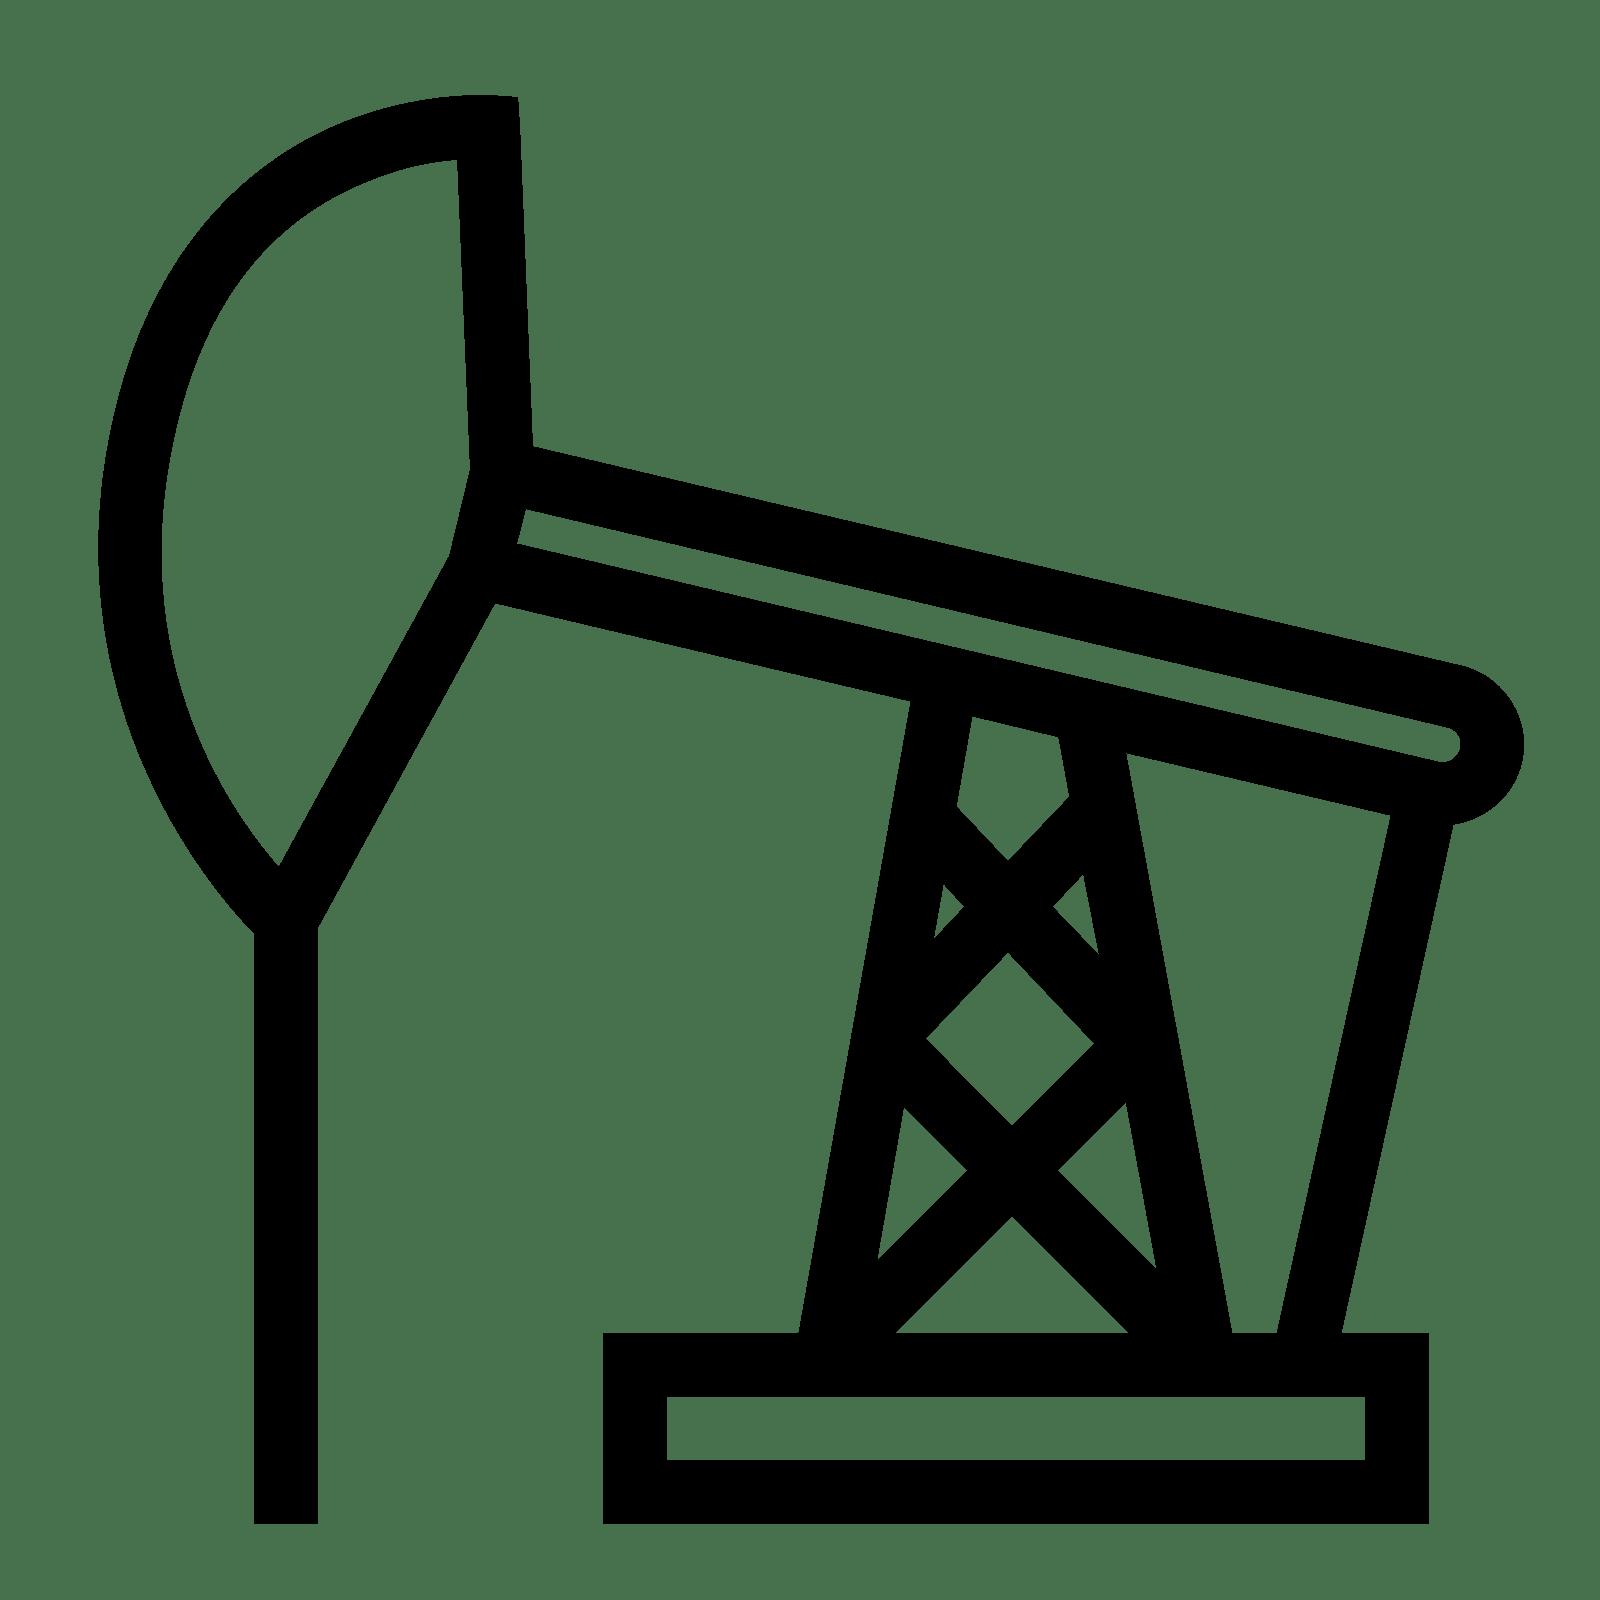 Oil clipart pumpjack. Pump jack clip art